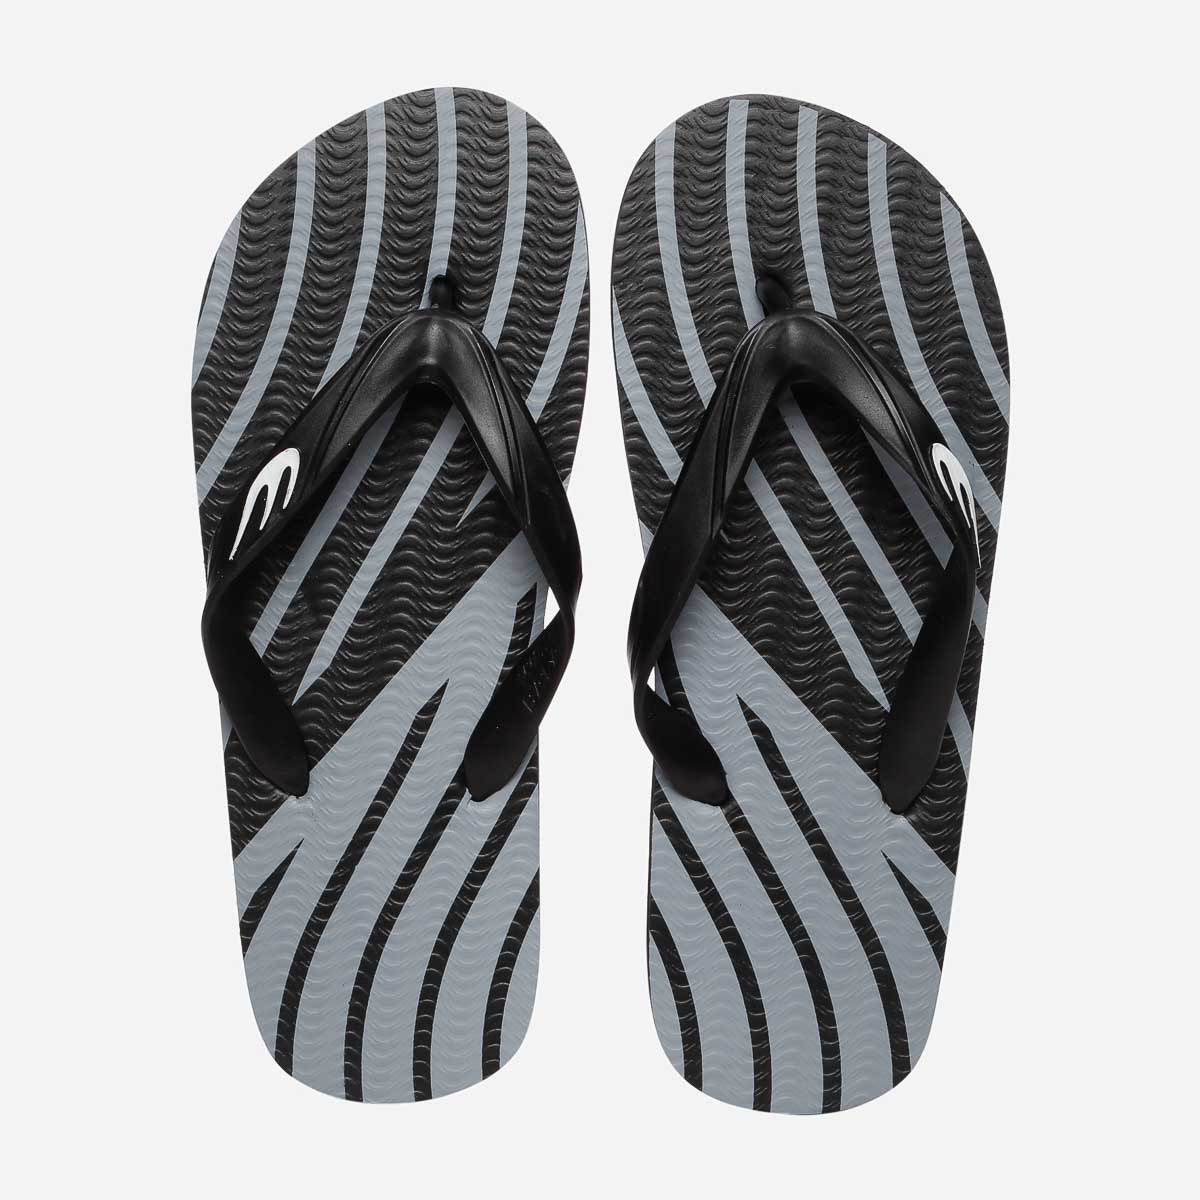 Carver Flip-Flops in Black | Lazada PH